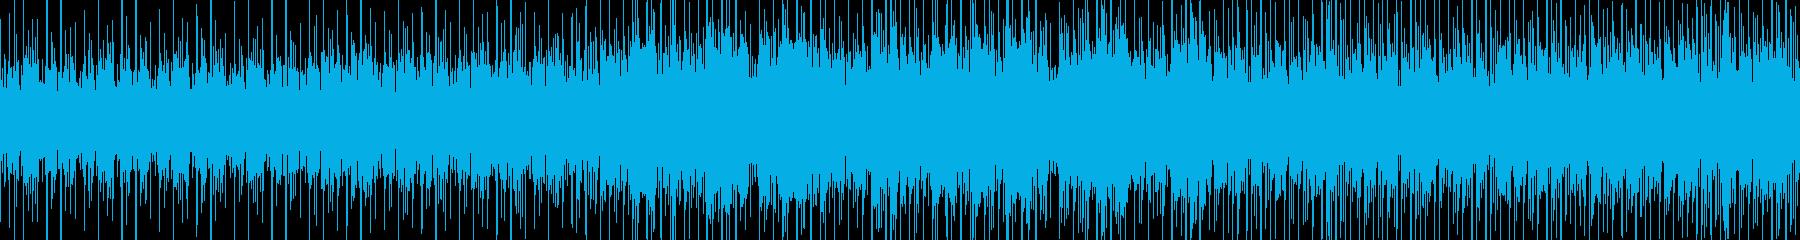 ゲーム等に使えるエレクトリックなループ曲の再生済みの波形